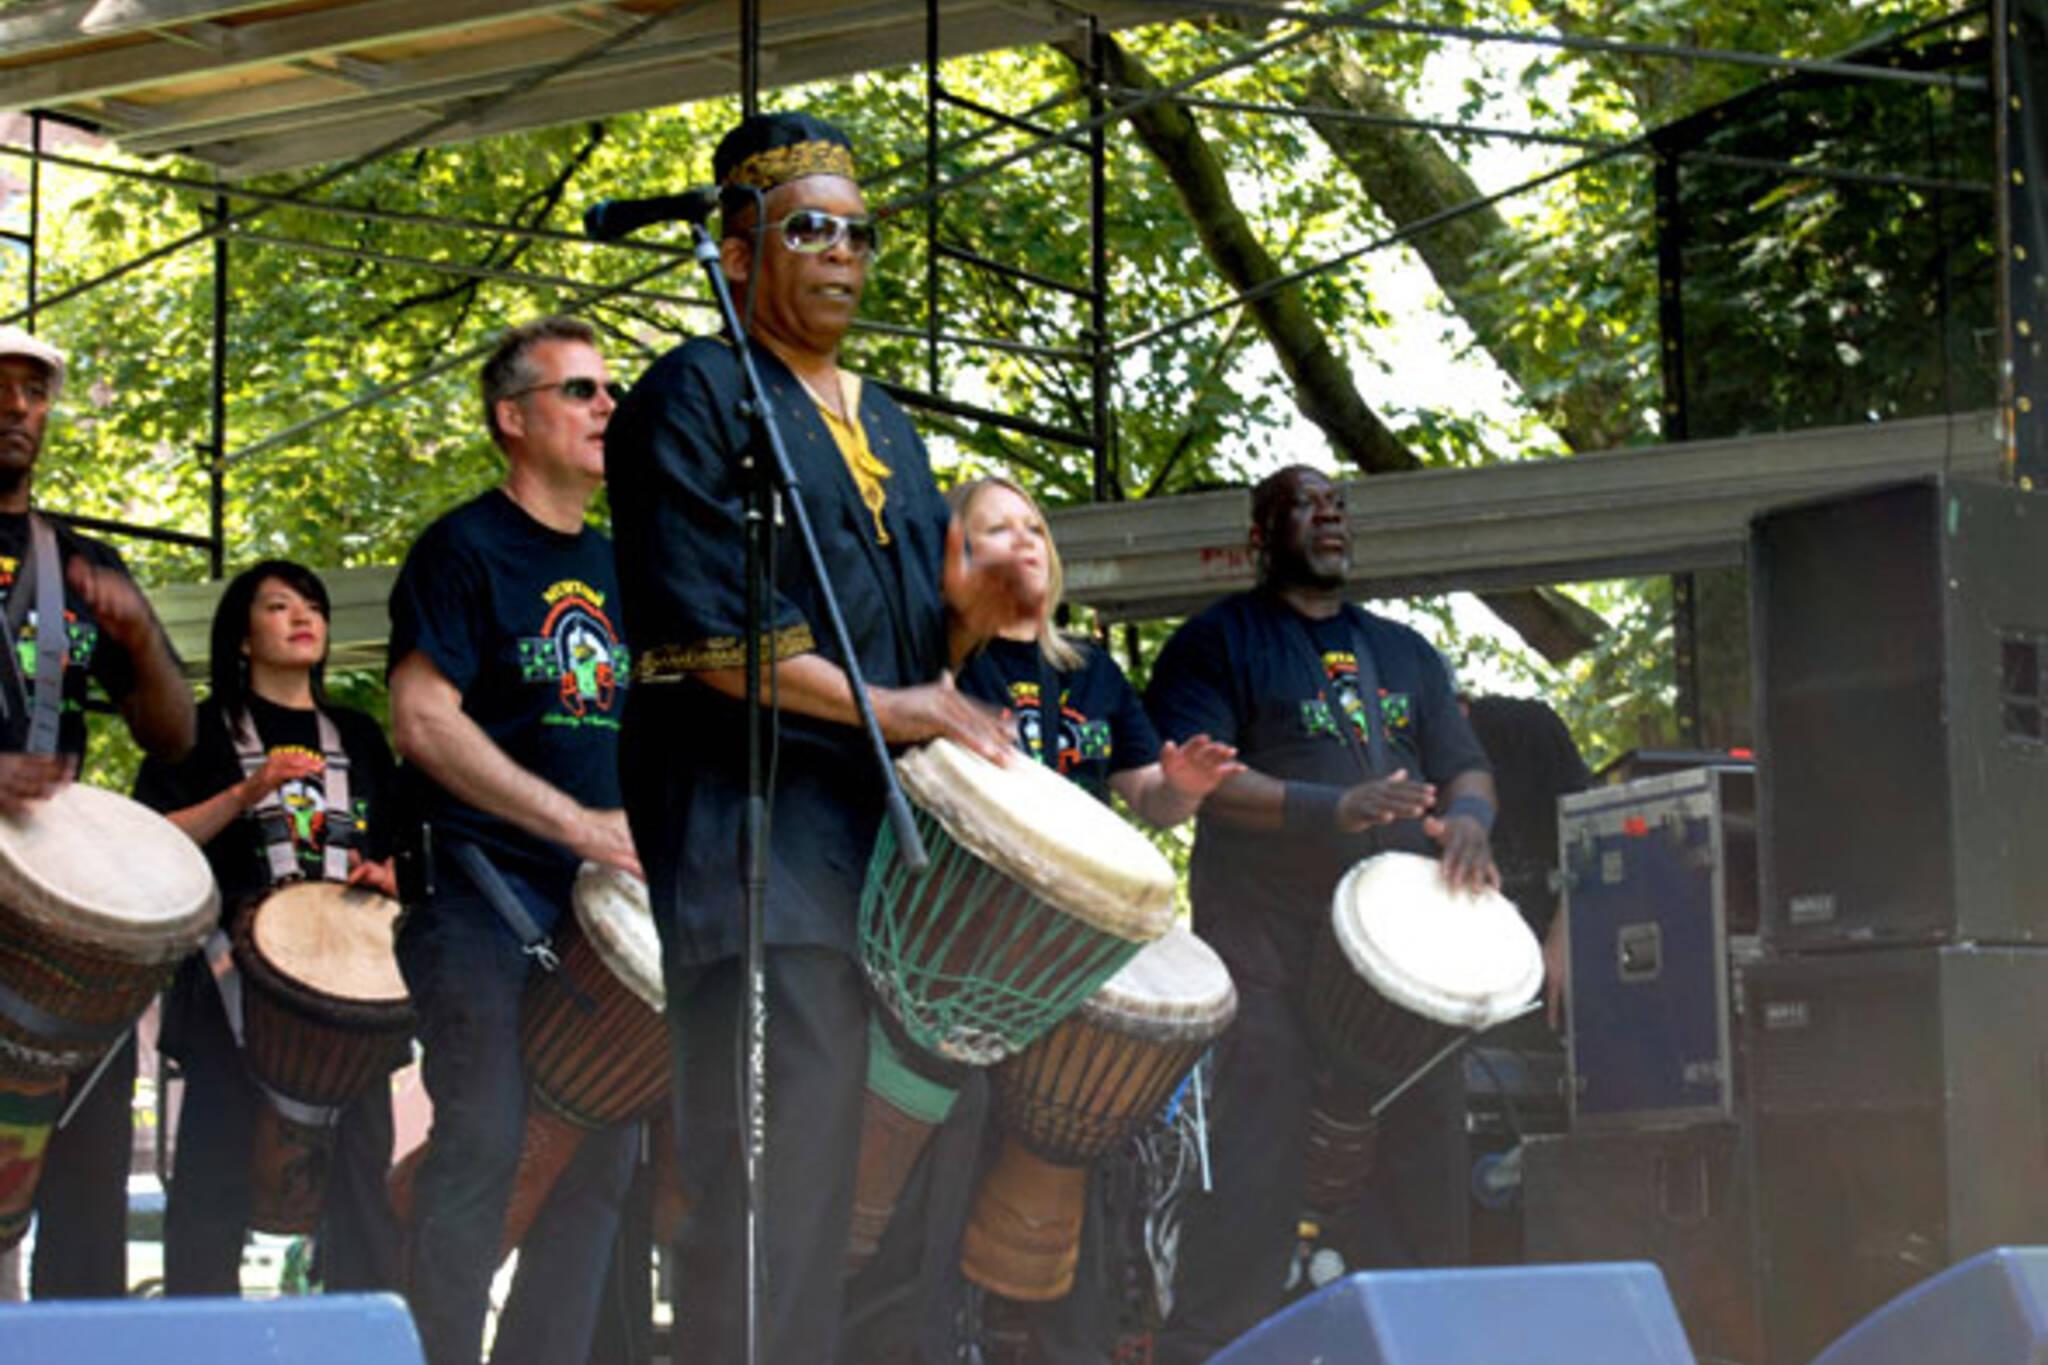 Muhtadi International Drumming Festival